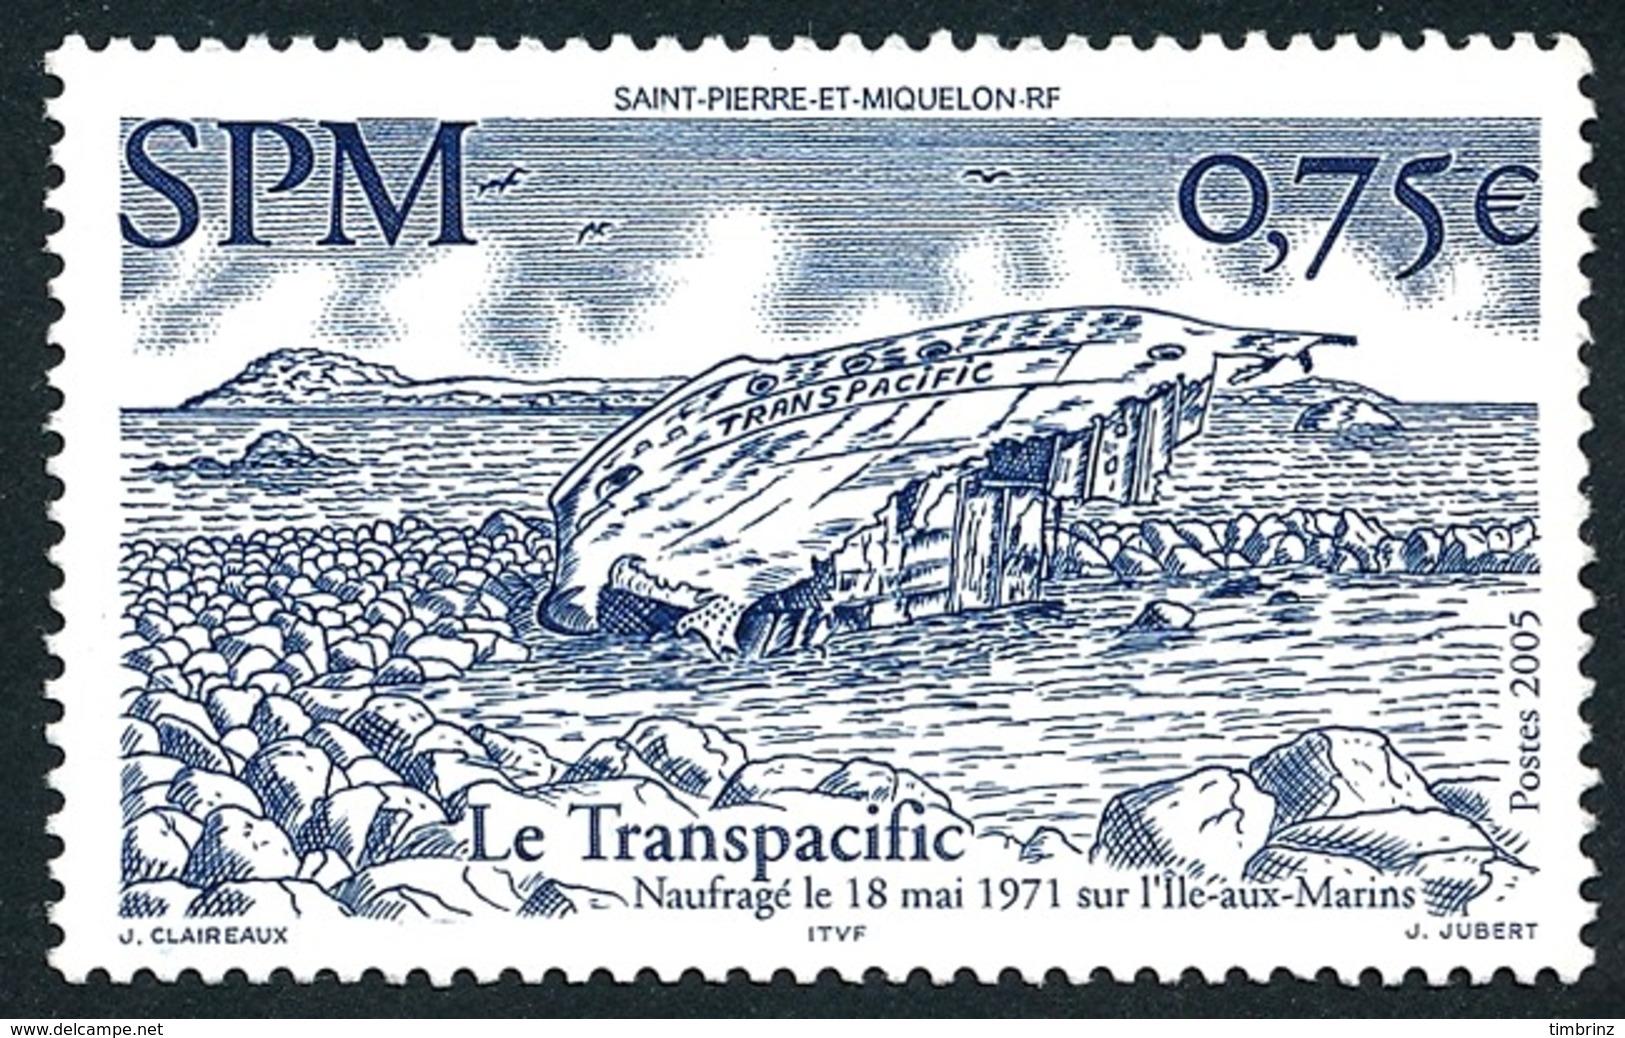 ST-PIERRE ET MIQUELON 2005 - Yv. 857 **   Faciale= 0,75 EUR - Bateau Le Transpacific (Epave)  ..Réf.SPM11559 - Neufs